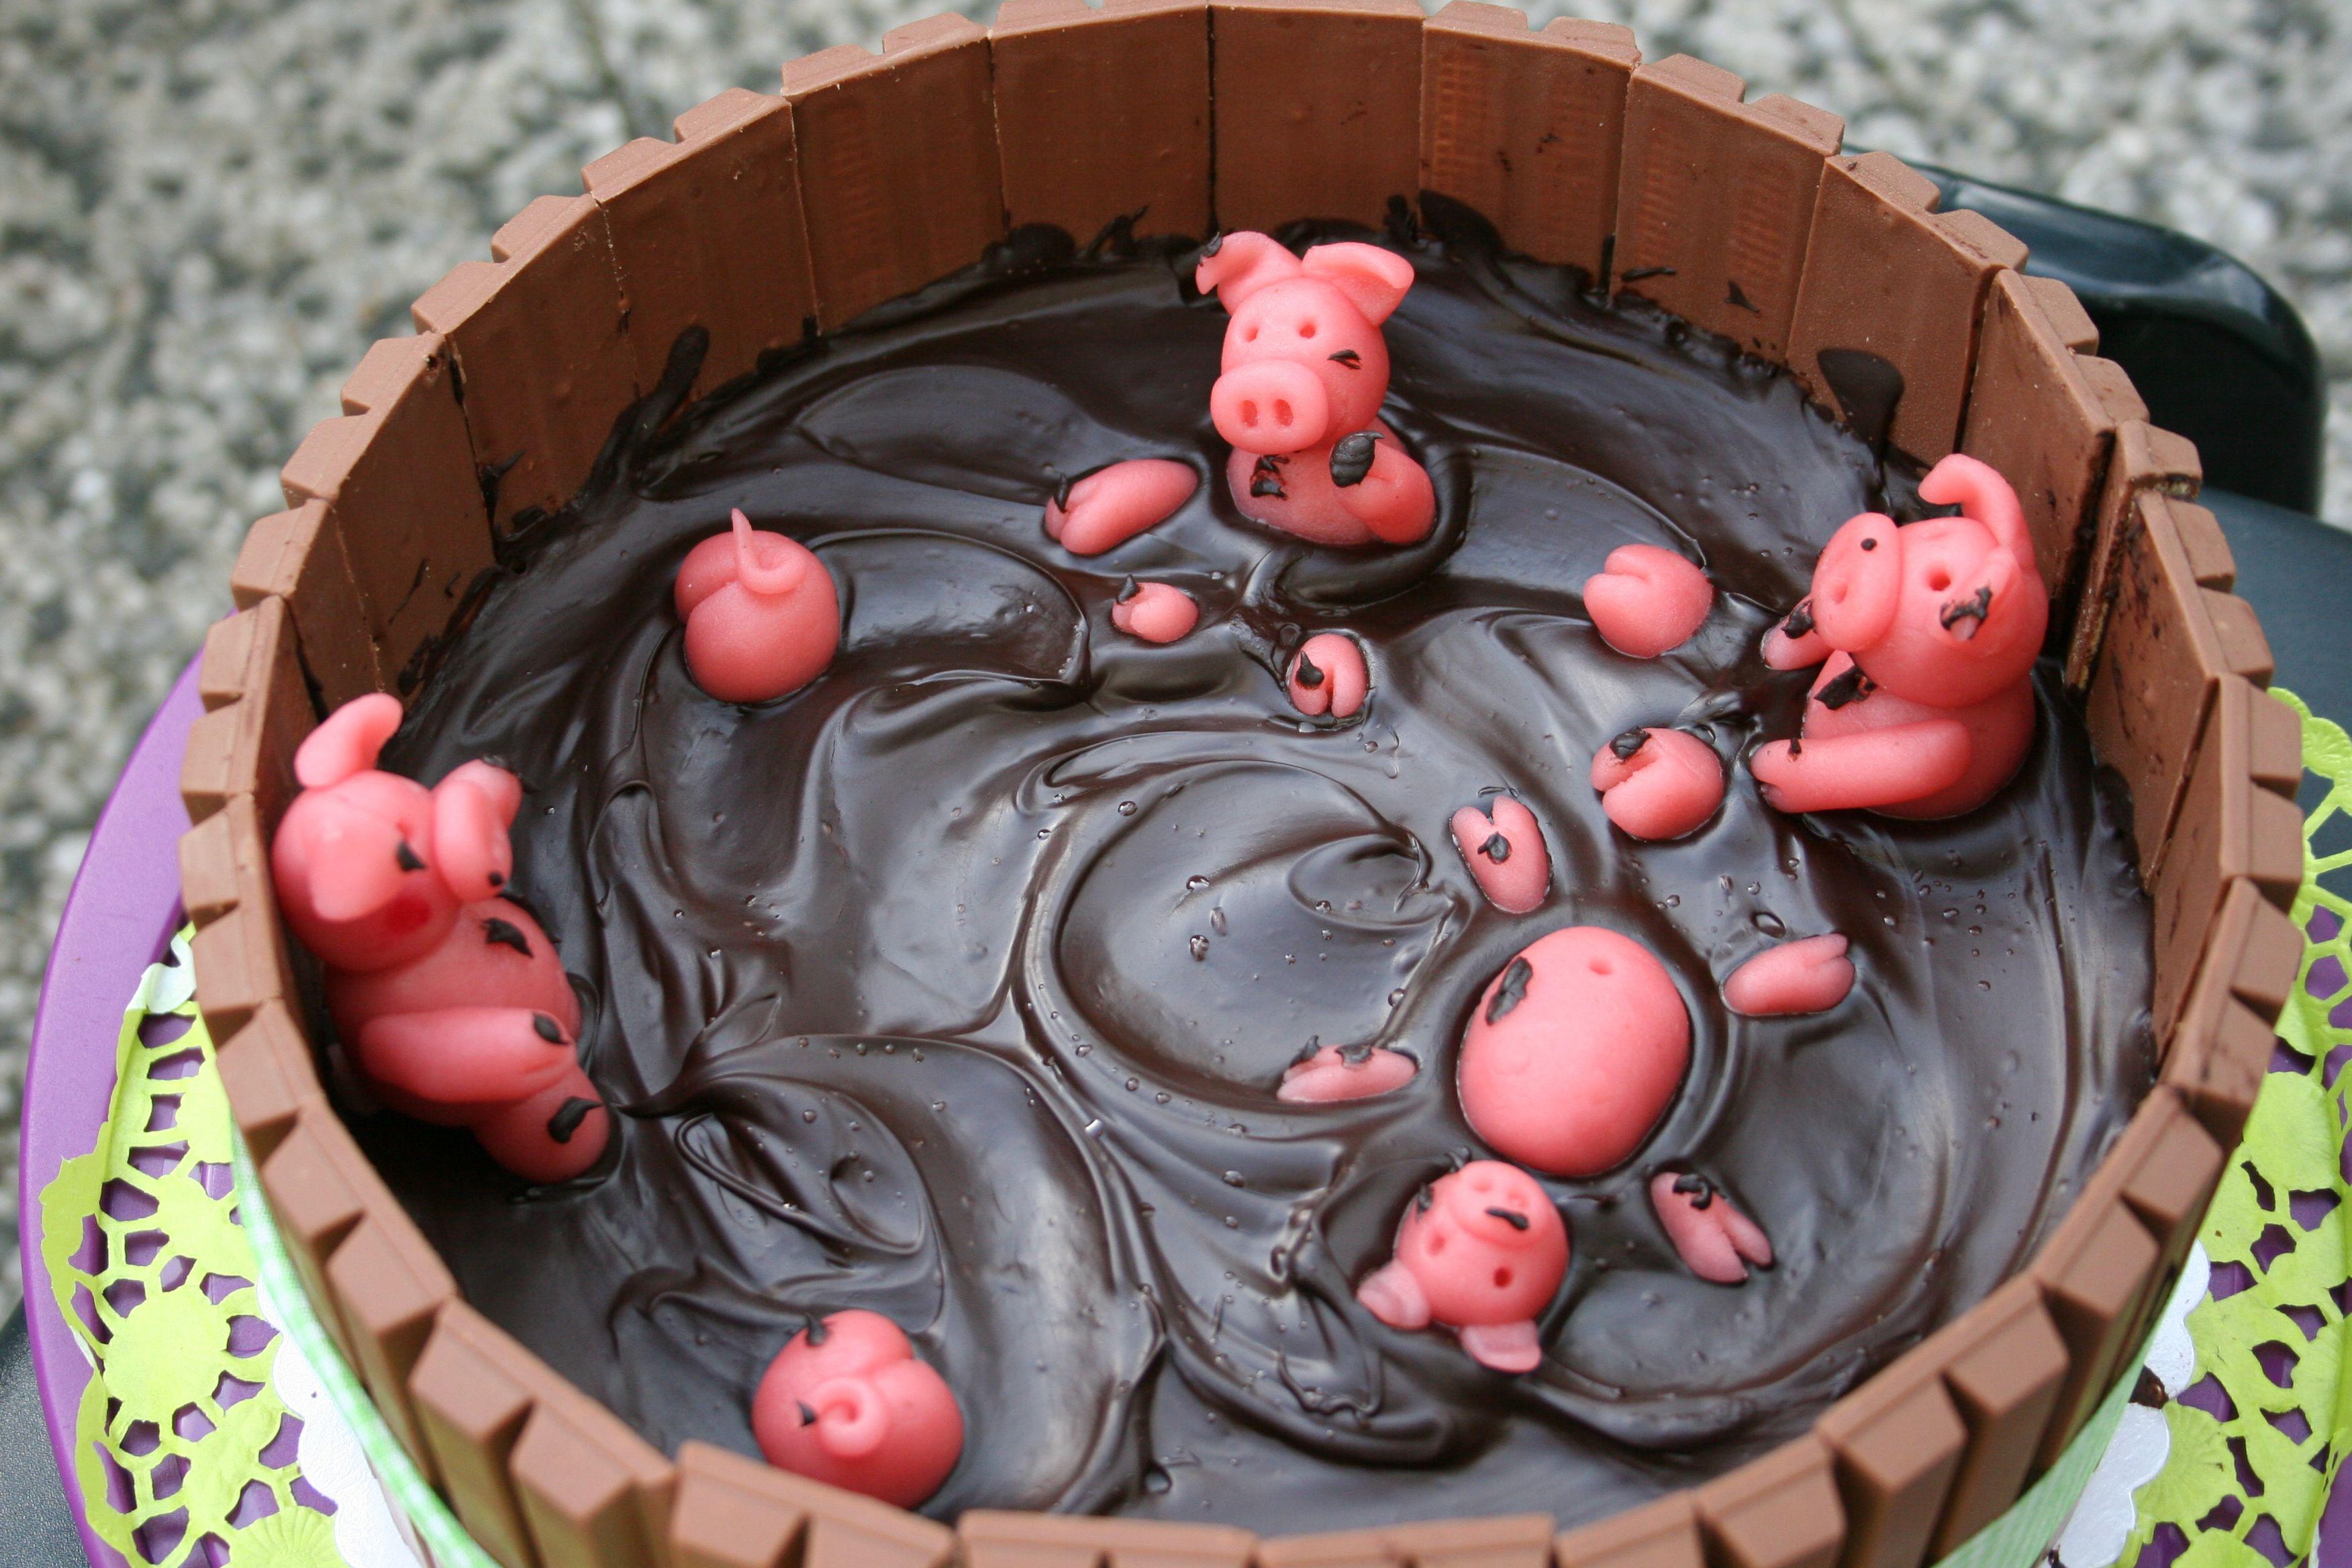 Schweine Kuchen  pigs schweine bottich chocolate Schokolade cake